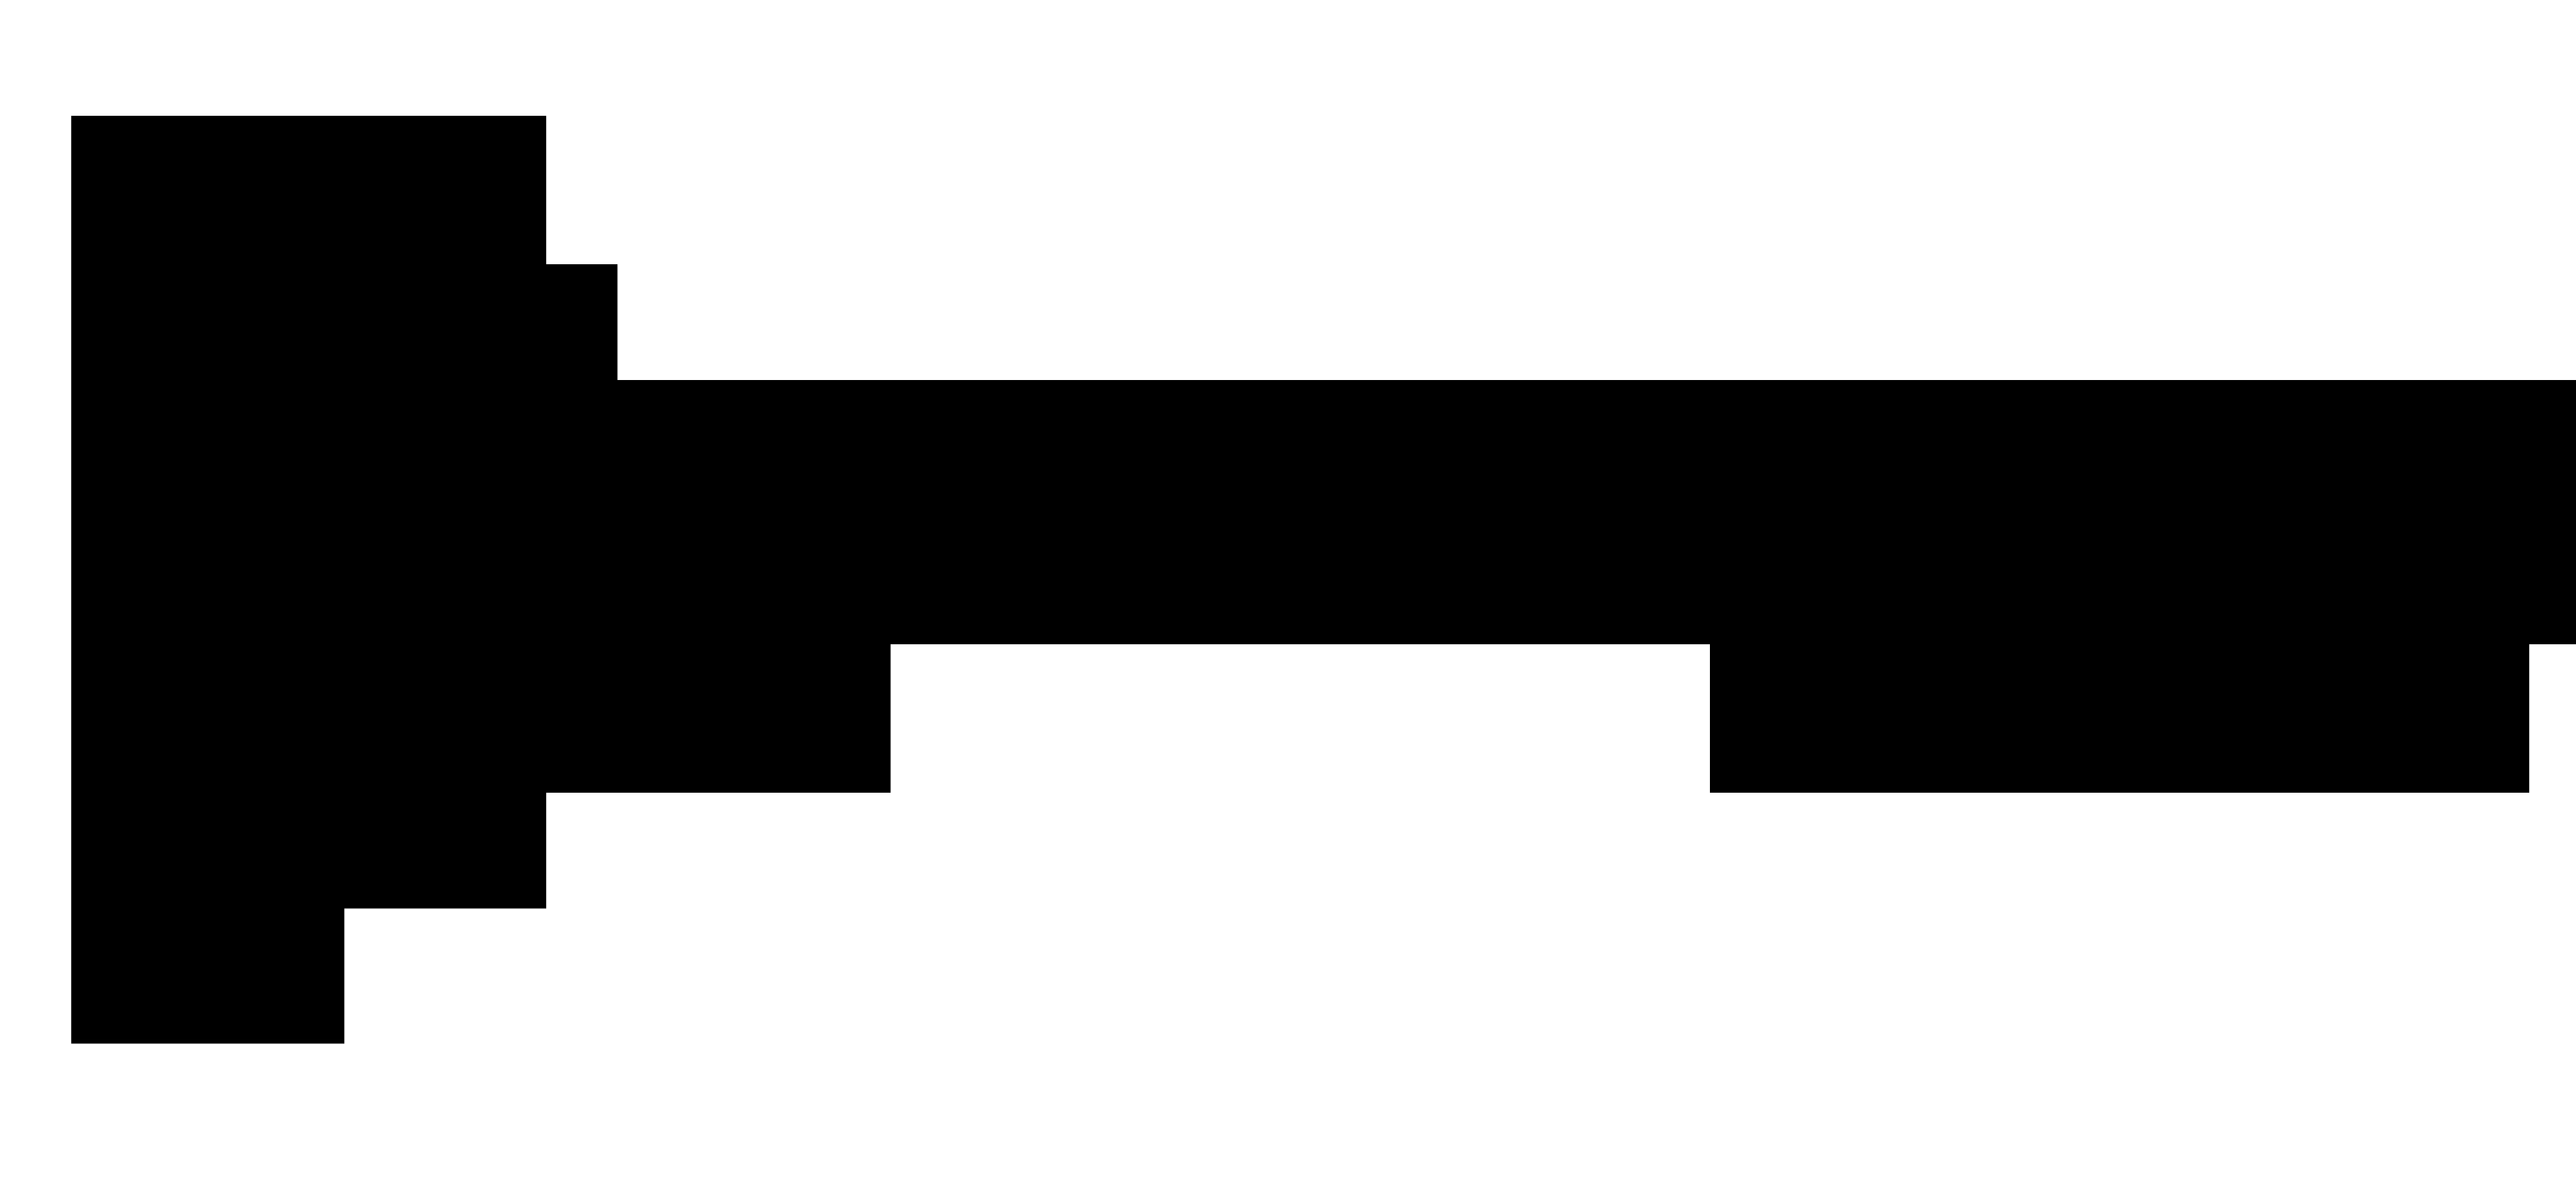 demenyuk-watermark2